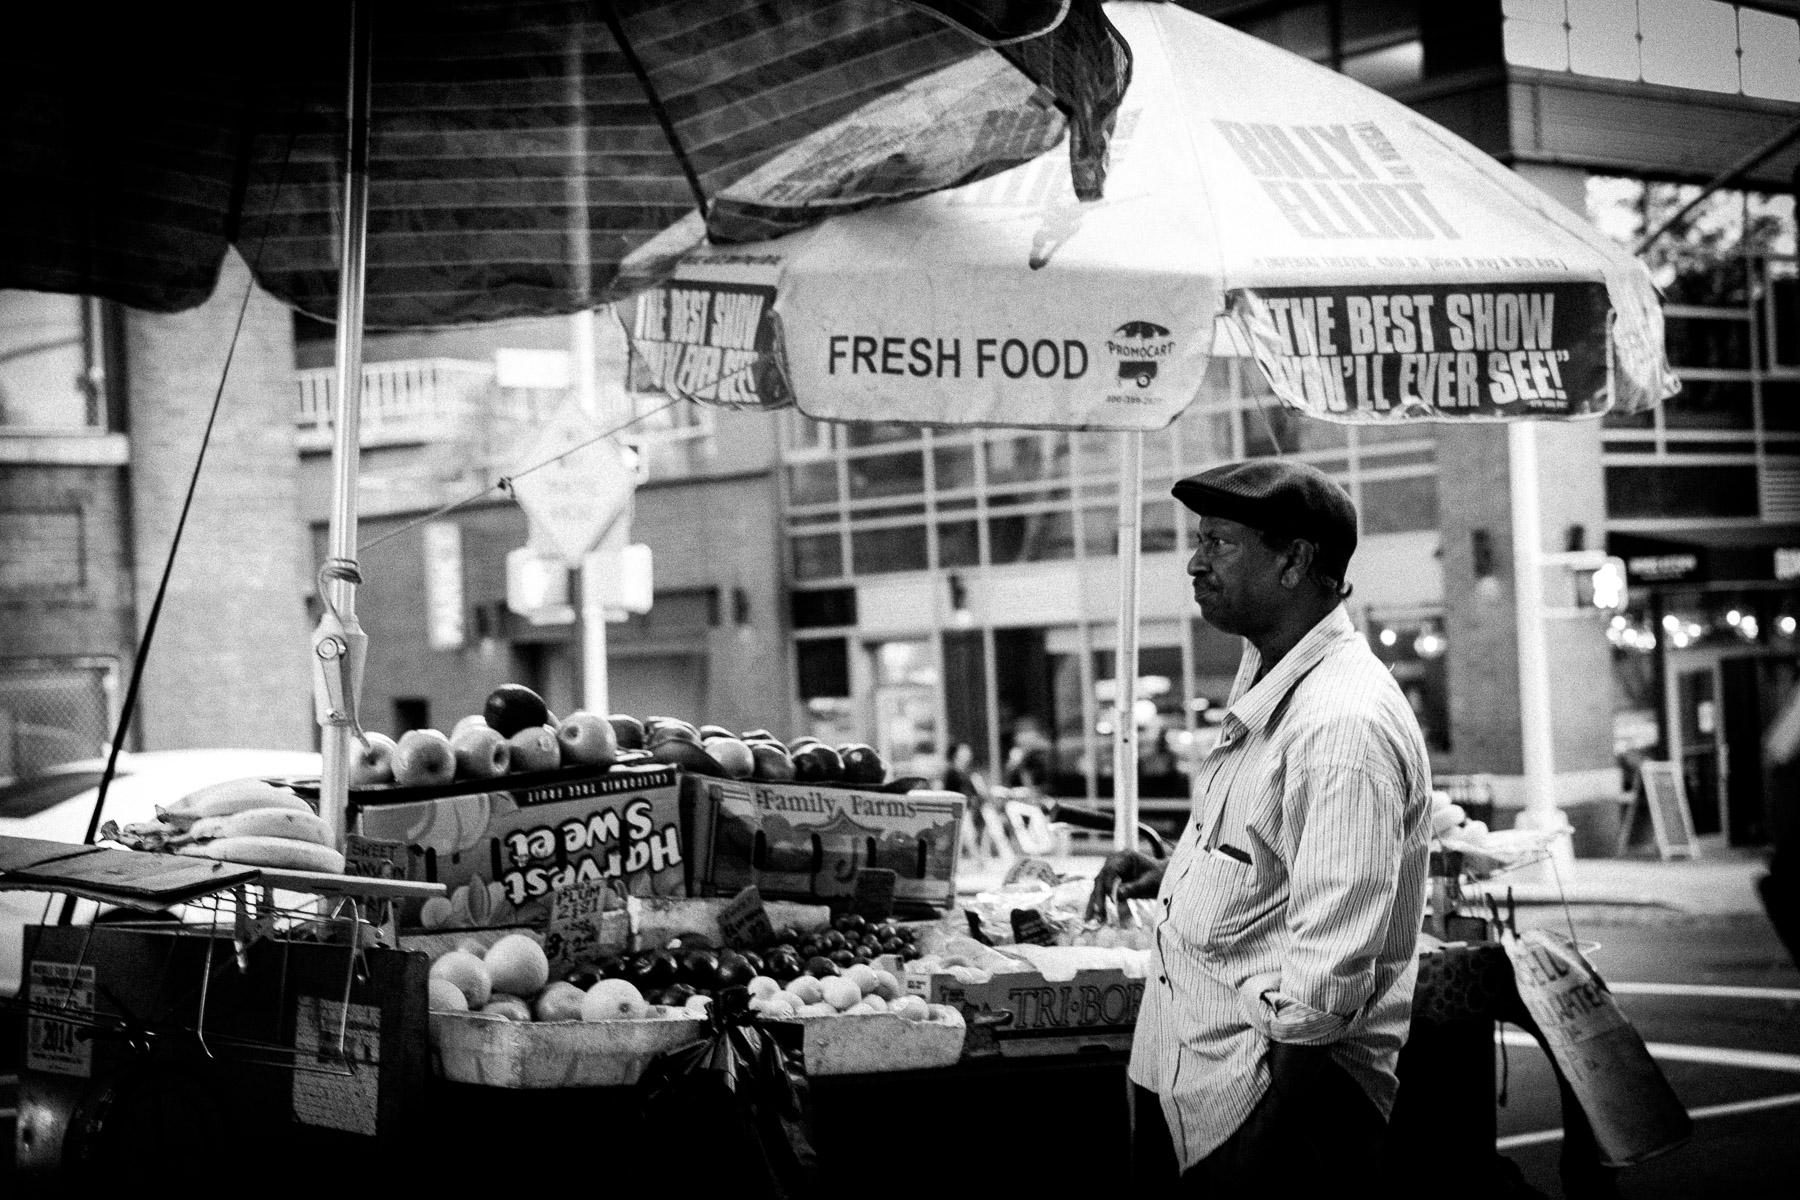 food-truck-dumbo-brooklyn-portraot-photography.jpg